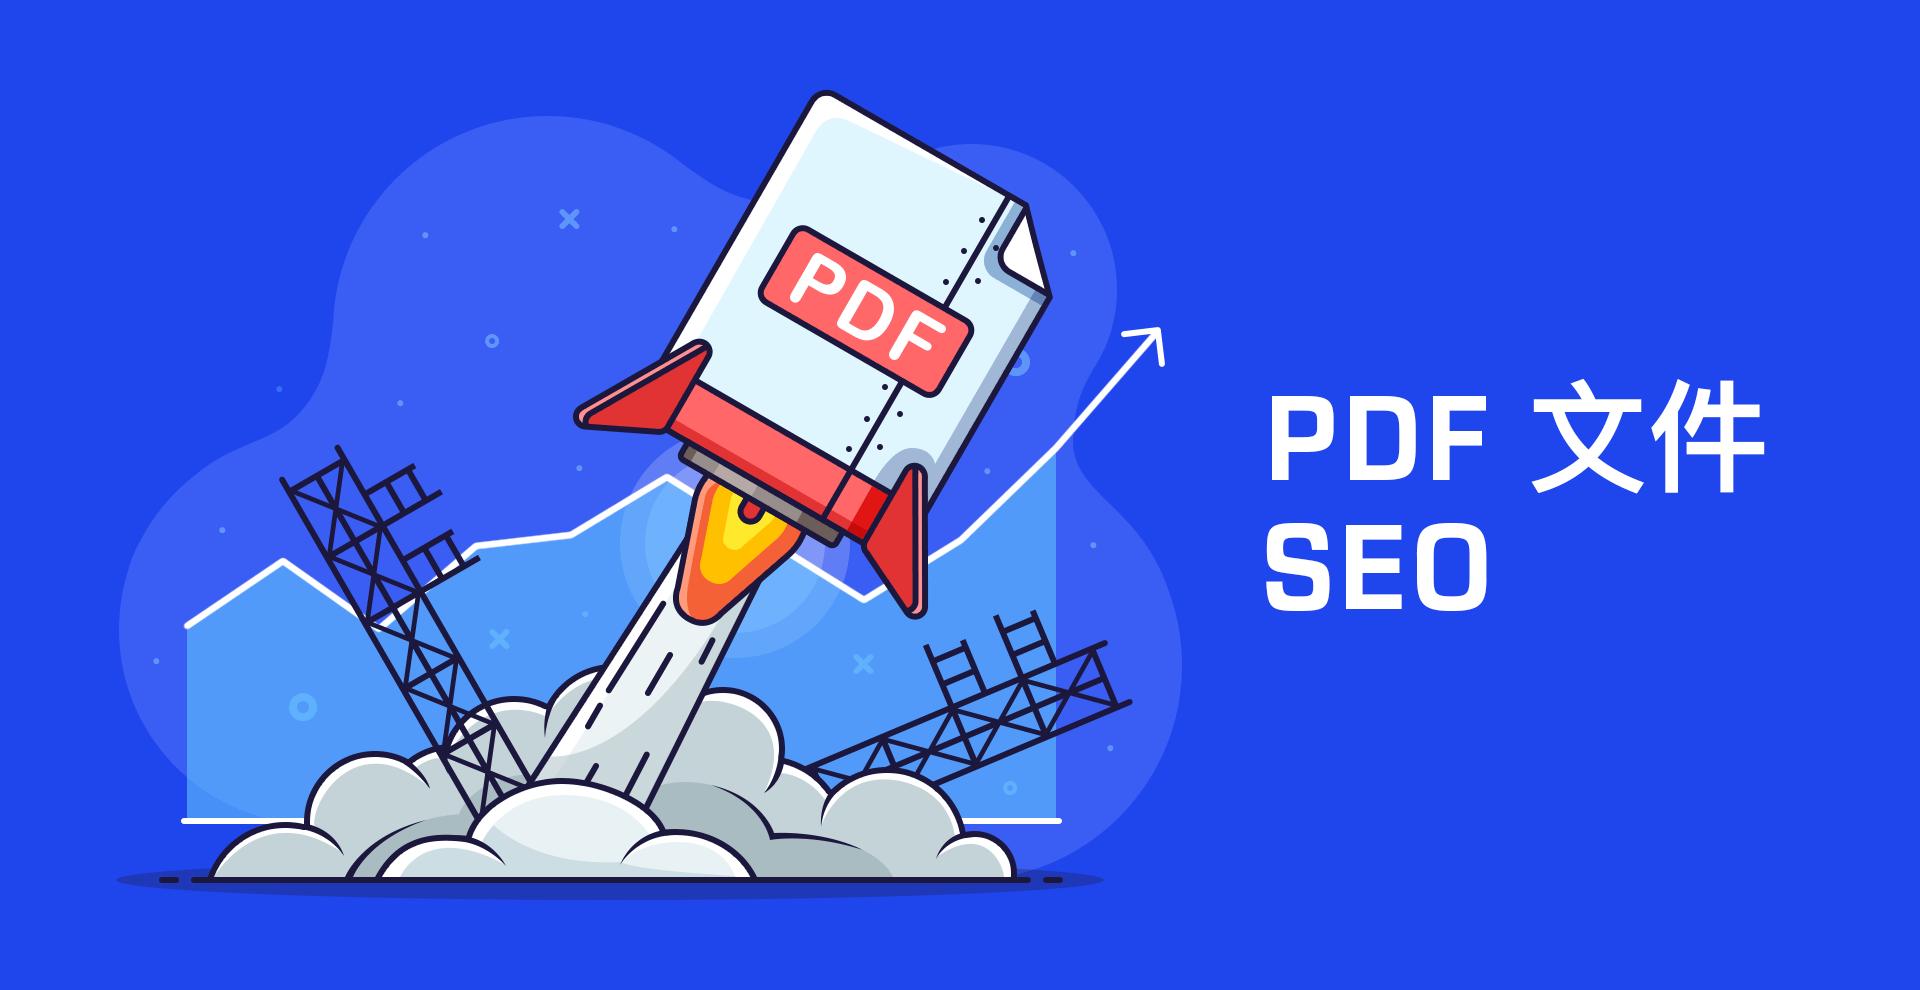 网站PDF在线文档SEO优化策略